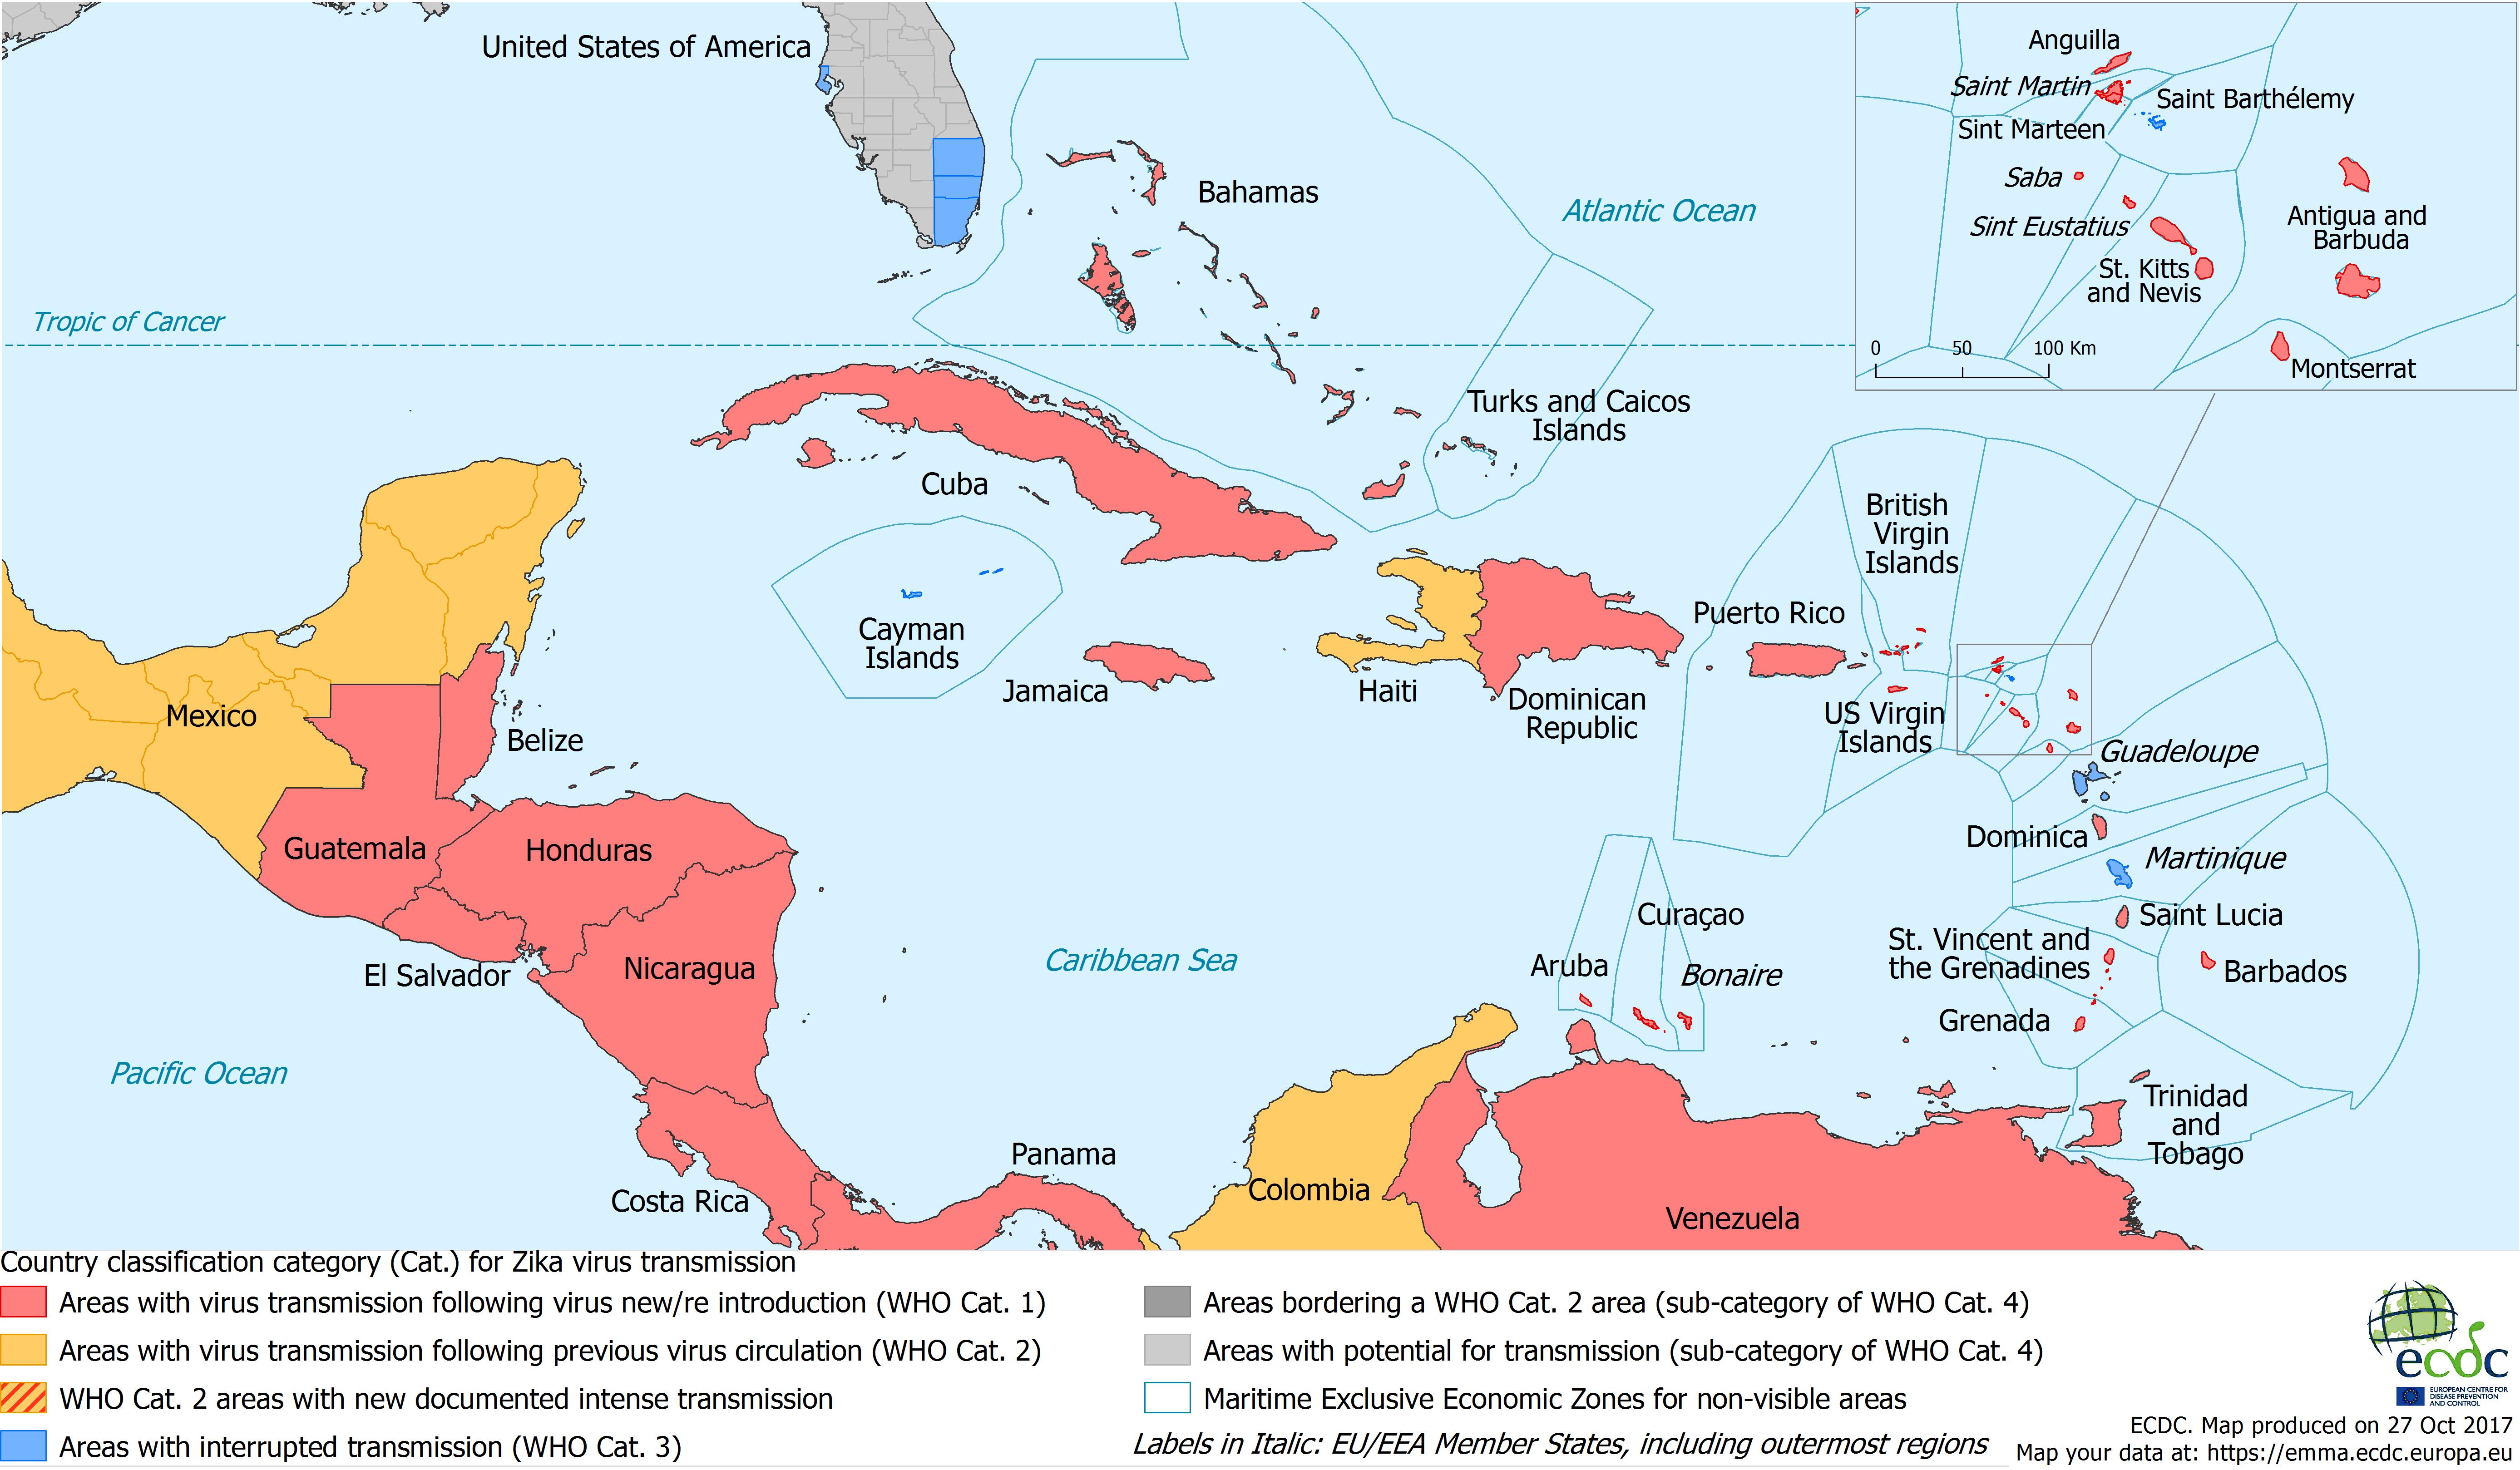 Malaria Karte Thailand.Zika Virus Antworten Auf Haufige Fragen